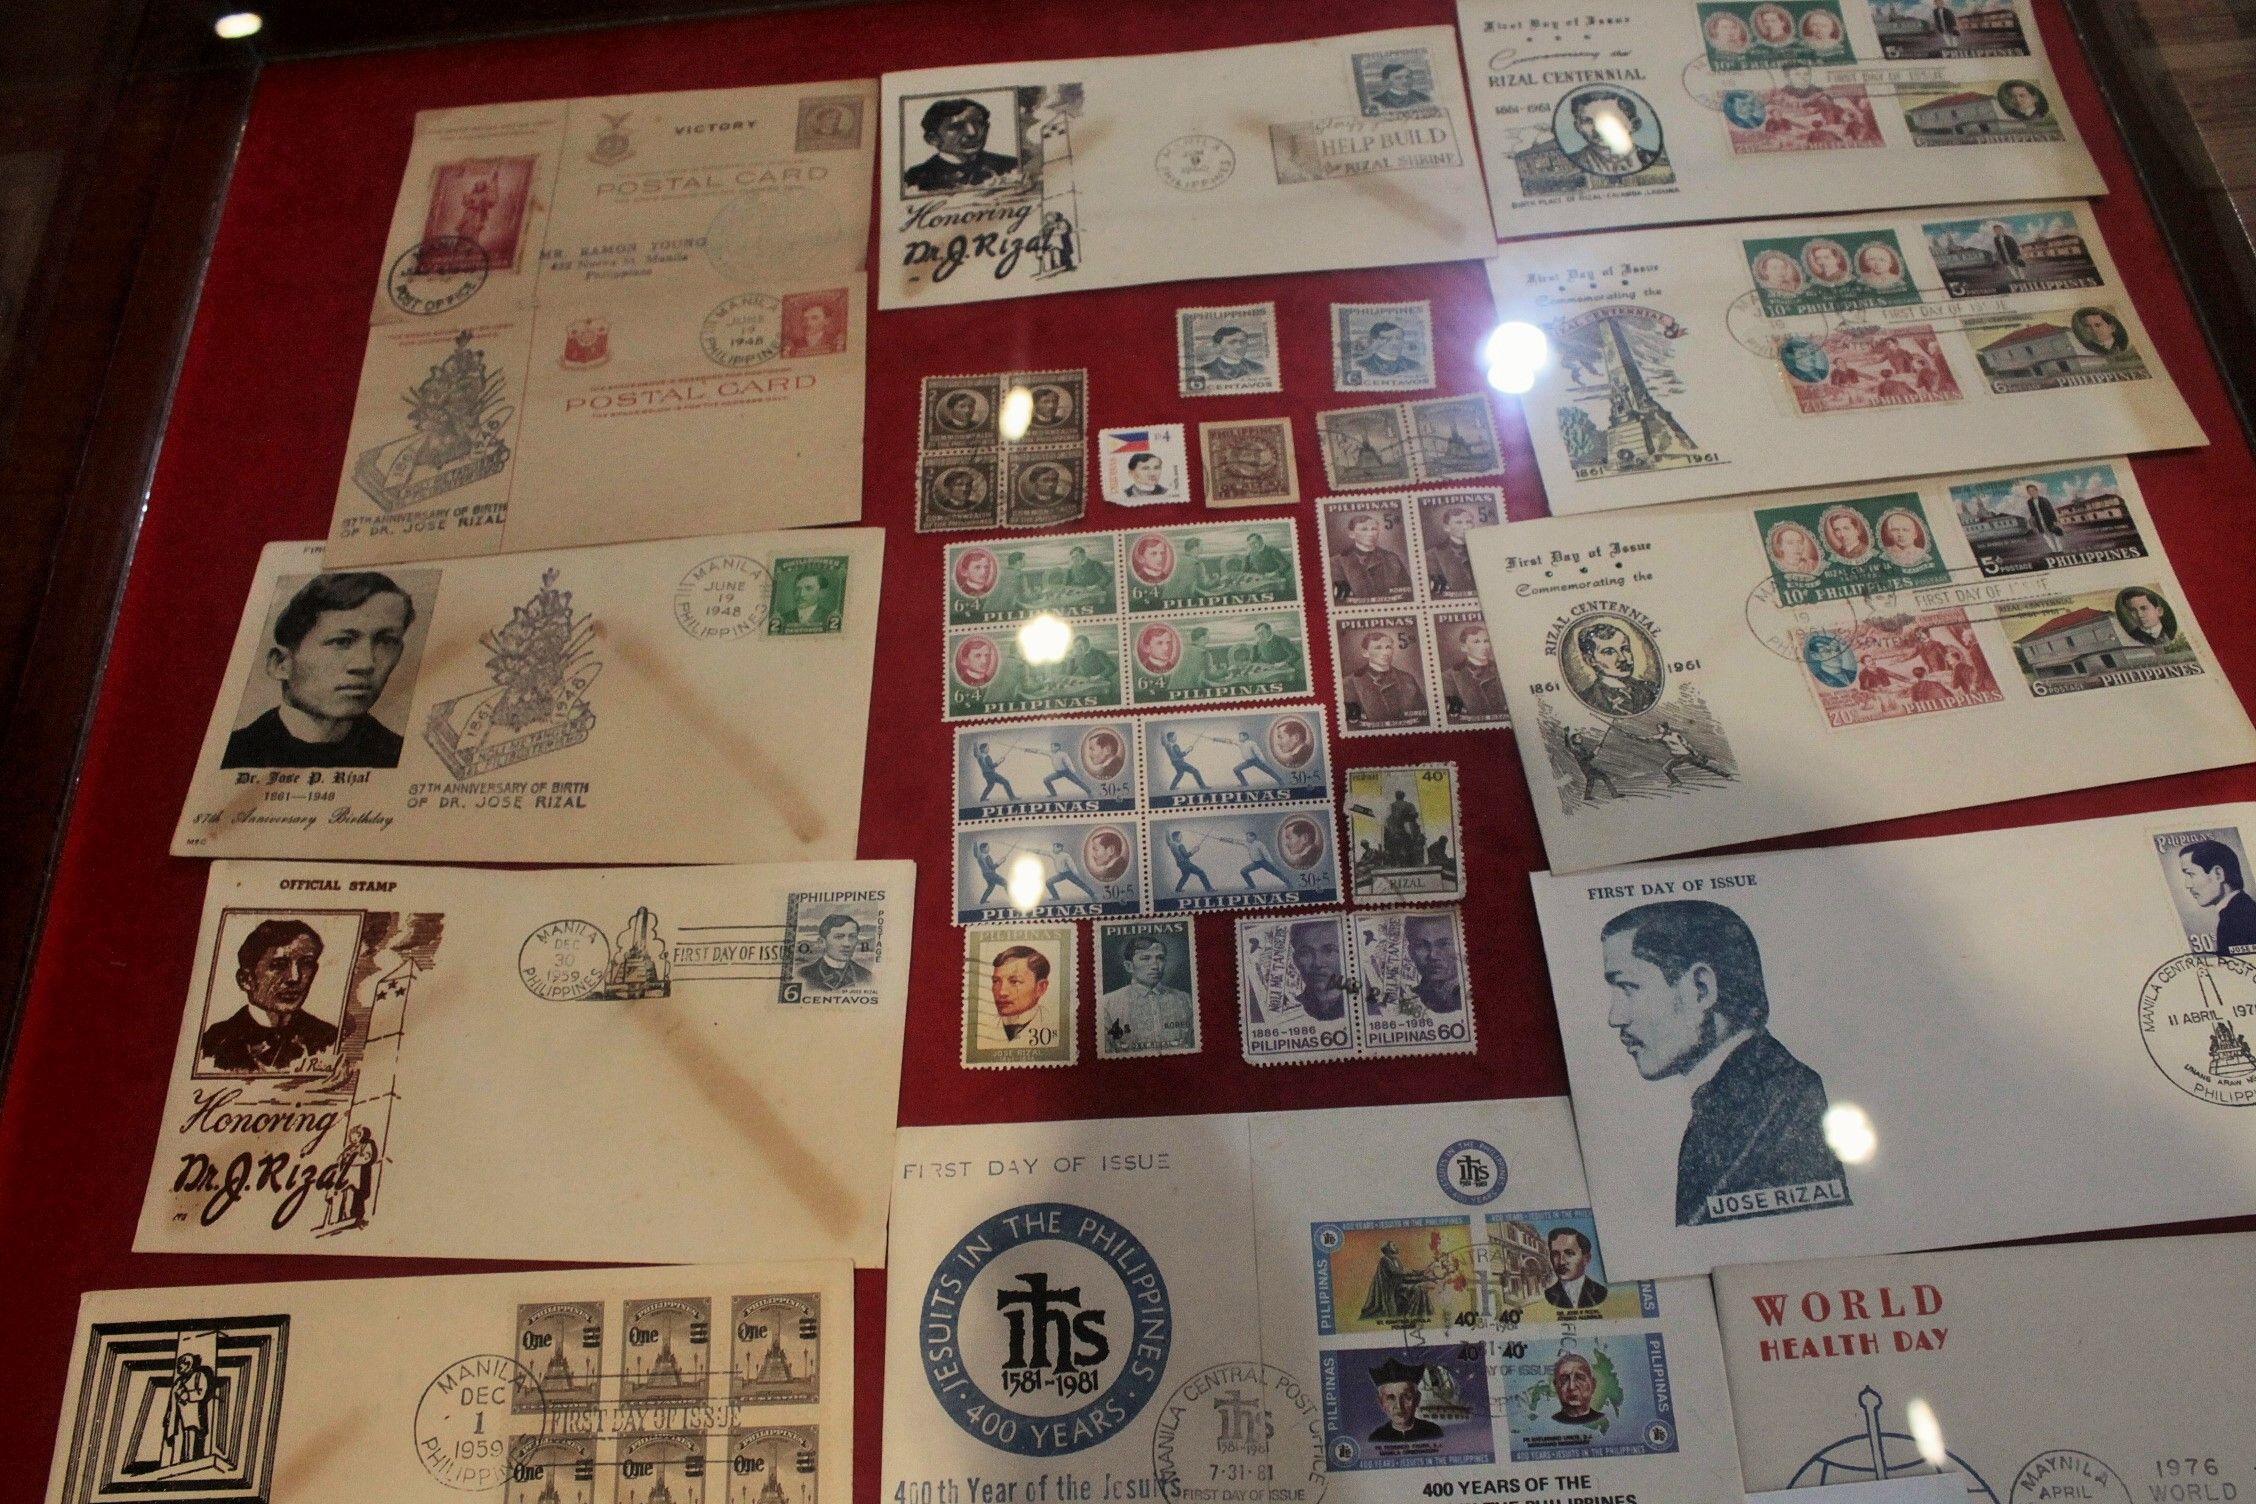 Sellos y postales de José Rizal, el héroe nacional